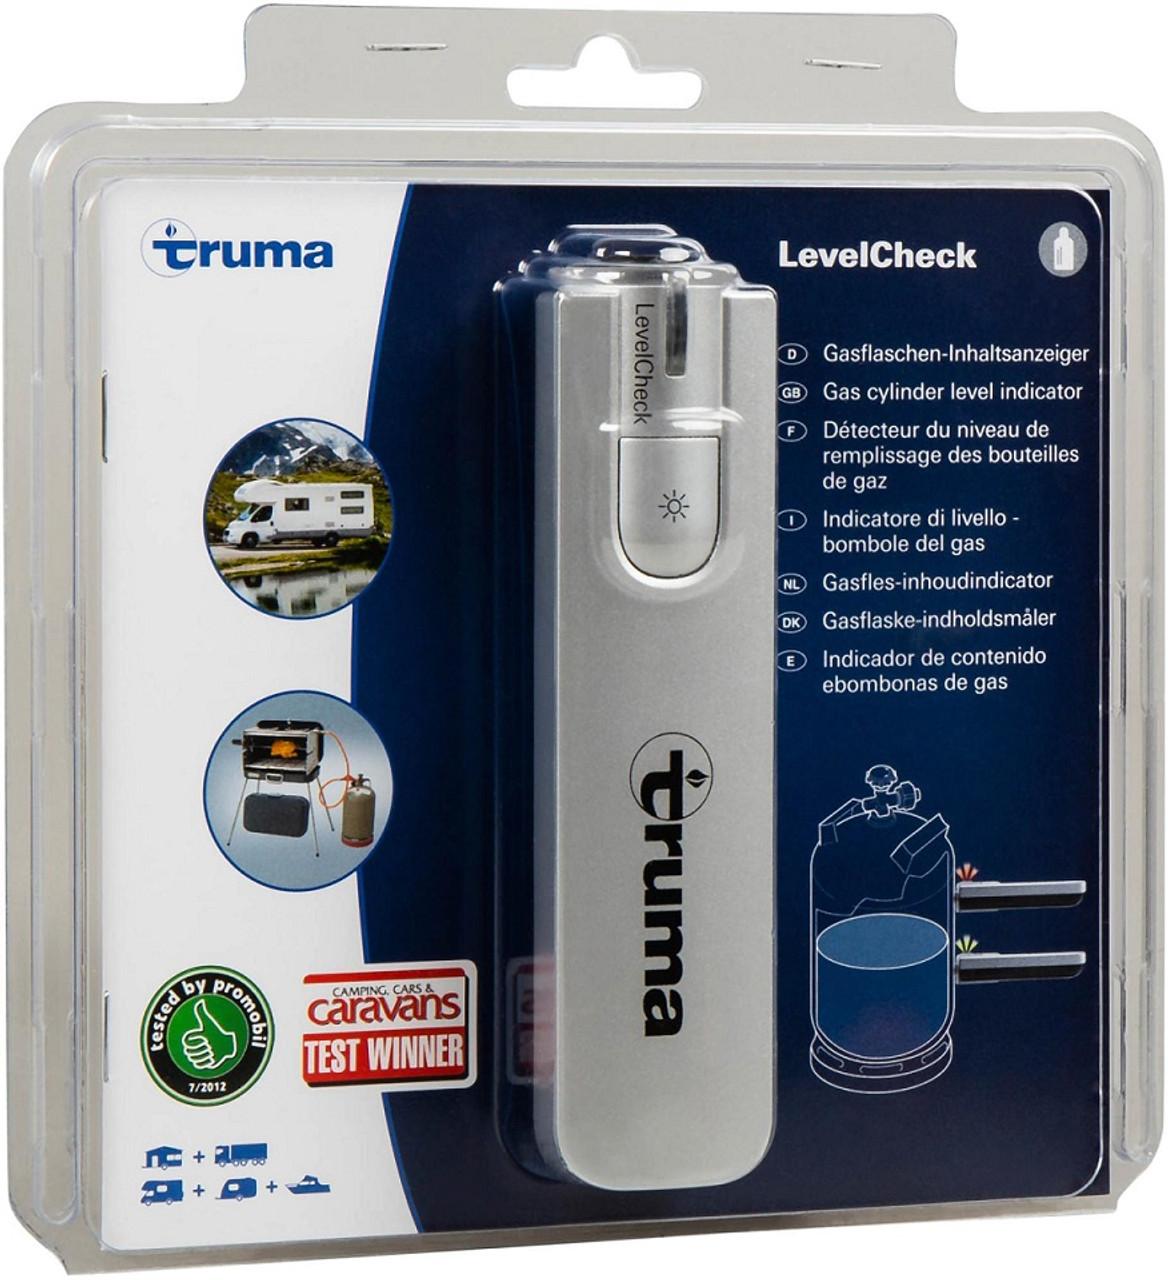 Truma LPG gas level check device.